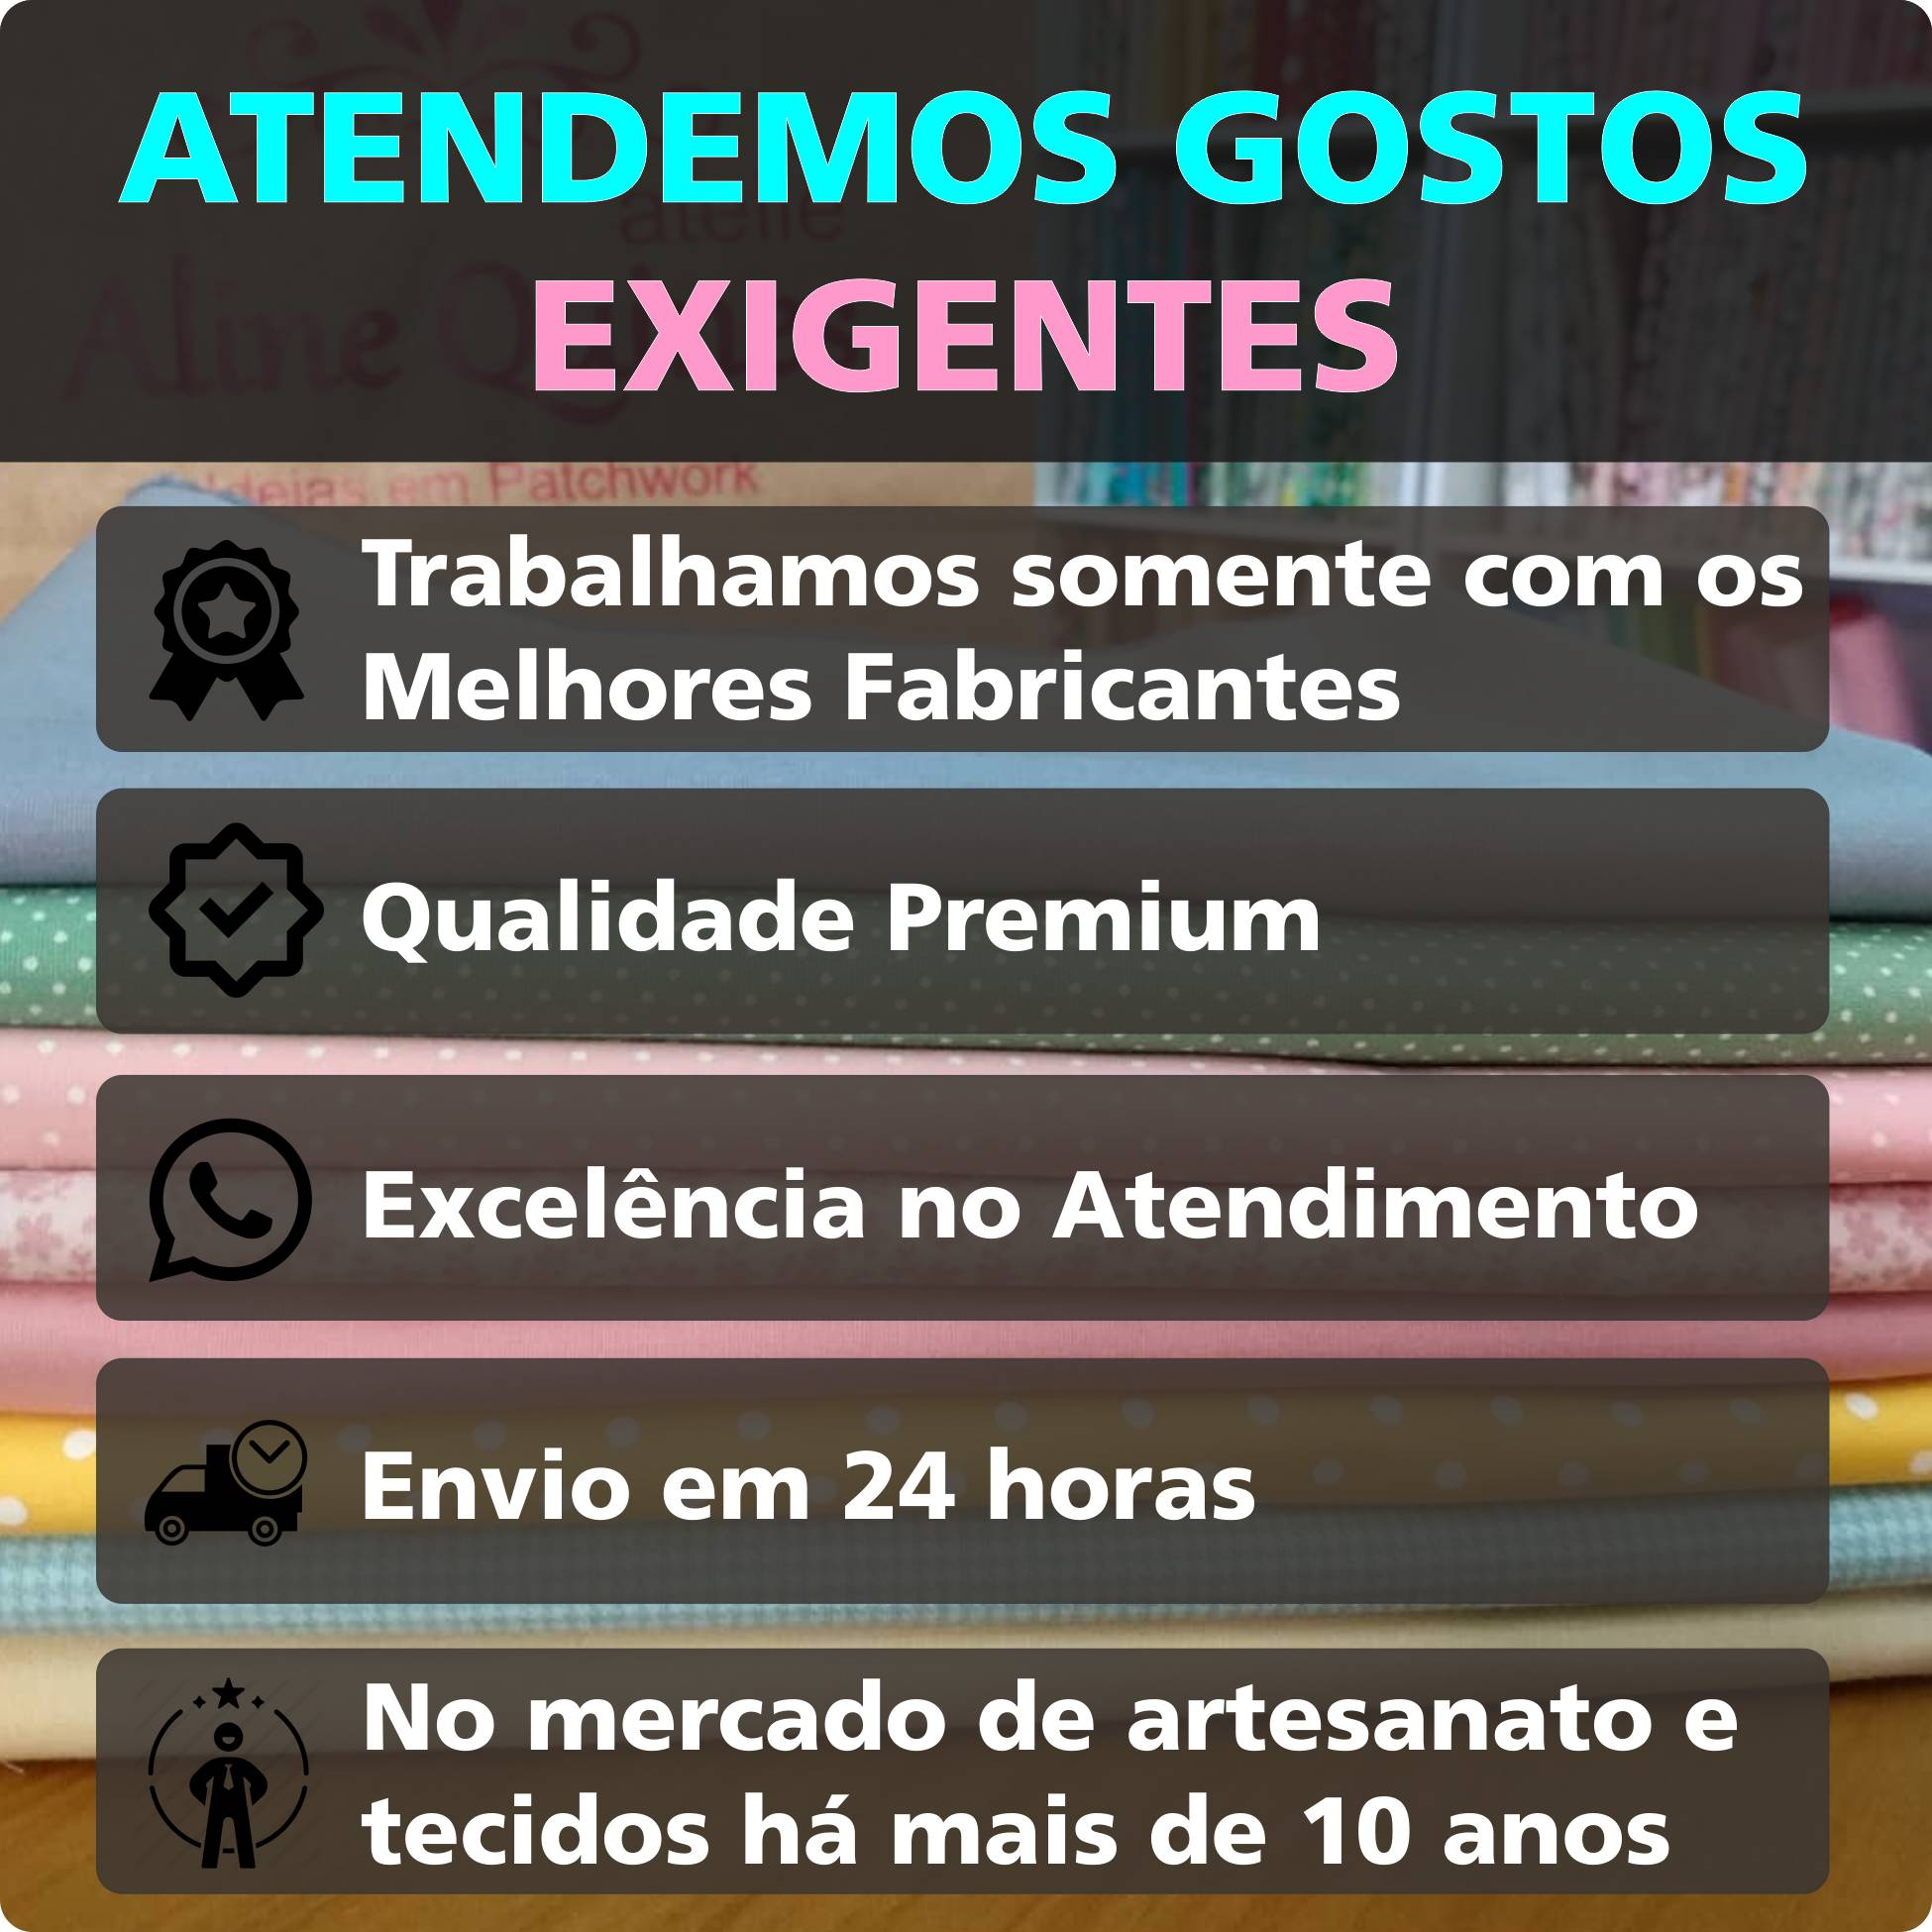 FERNANDO MALUHY - ALGODÃO TONS DE PELE CHOCOLATE - Pele de Boneca - 25cm X 150cm